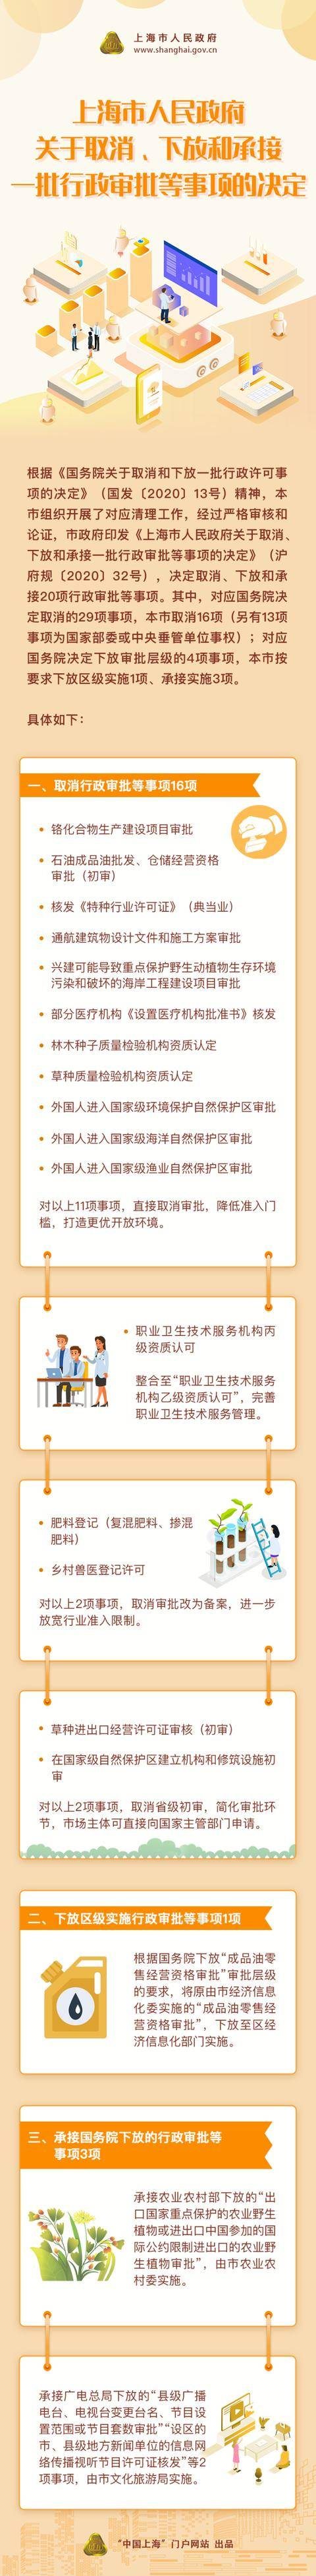 一图看懂!上海取消、下放和承天顺平台接20项行政审批等事项